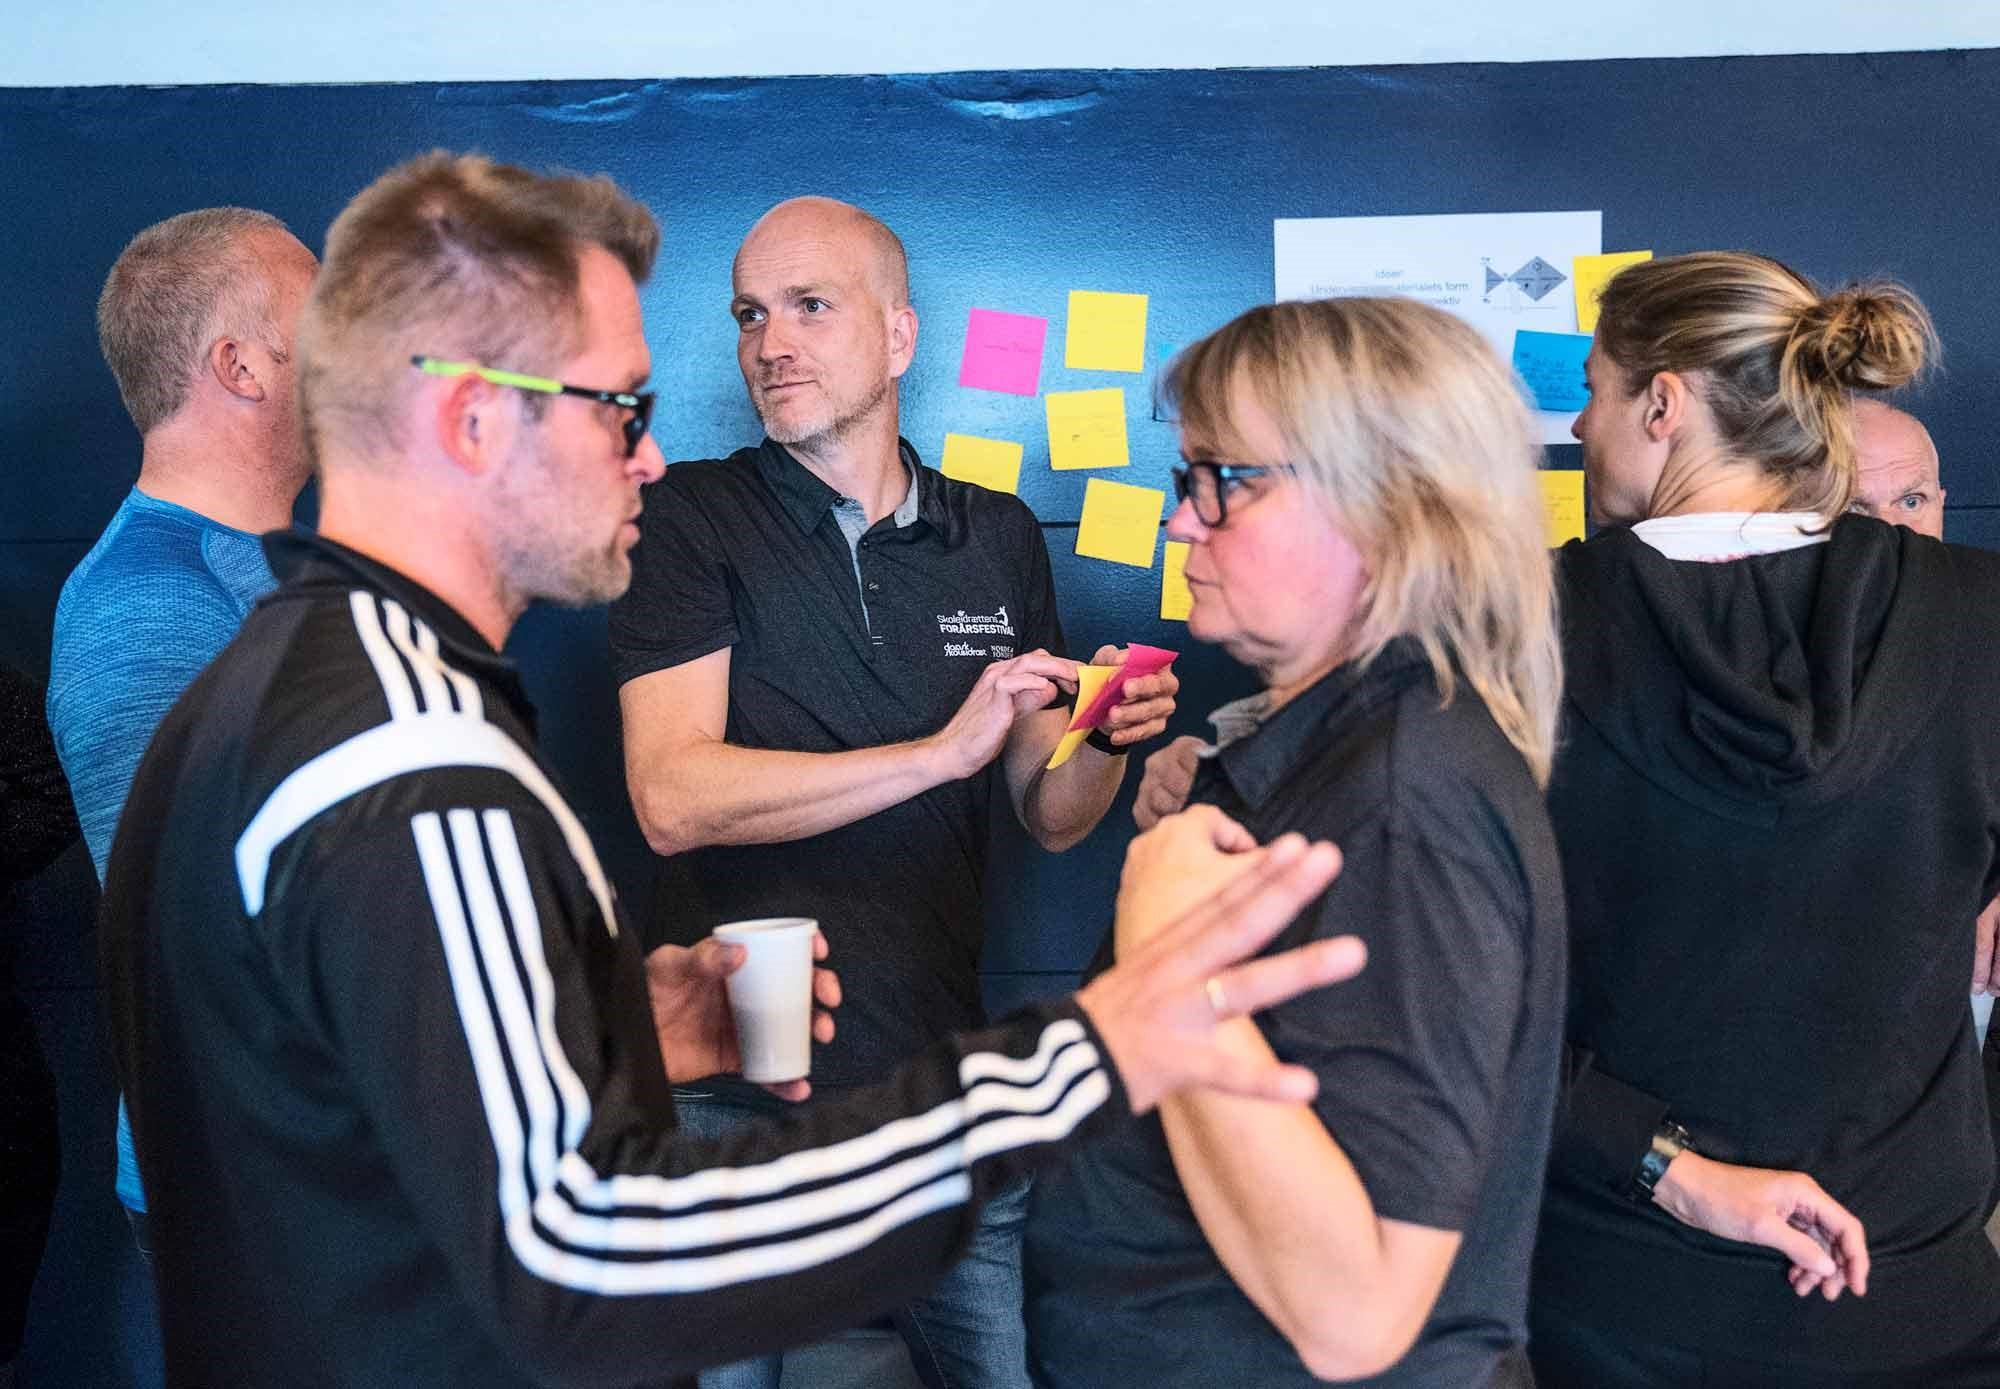 På det årlige udviklingskursus for medlemmer af Dansk Skoleidræts kredse fik deltagerne ny faglig inspiration. I 2017 fandt kurset sted i Aalborg.